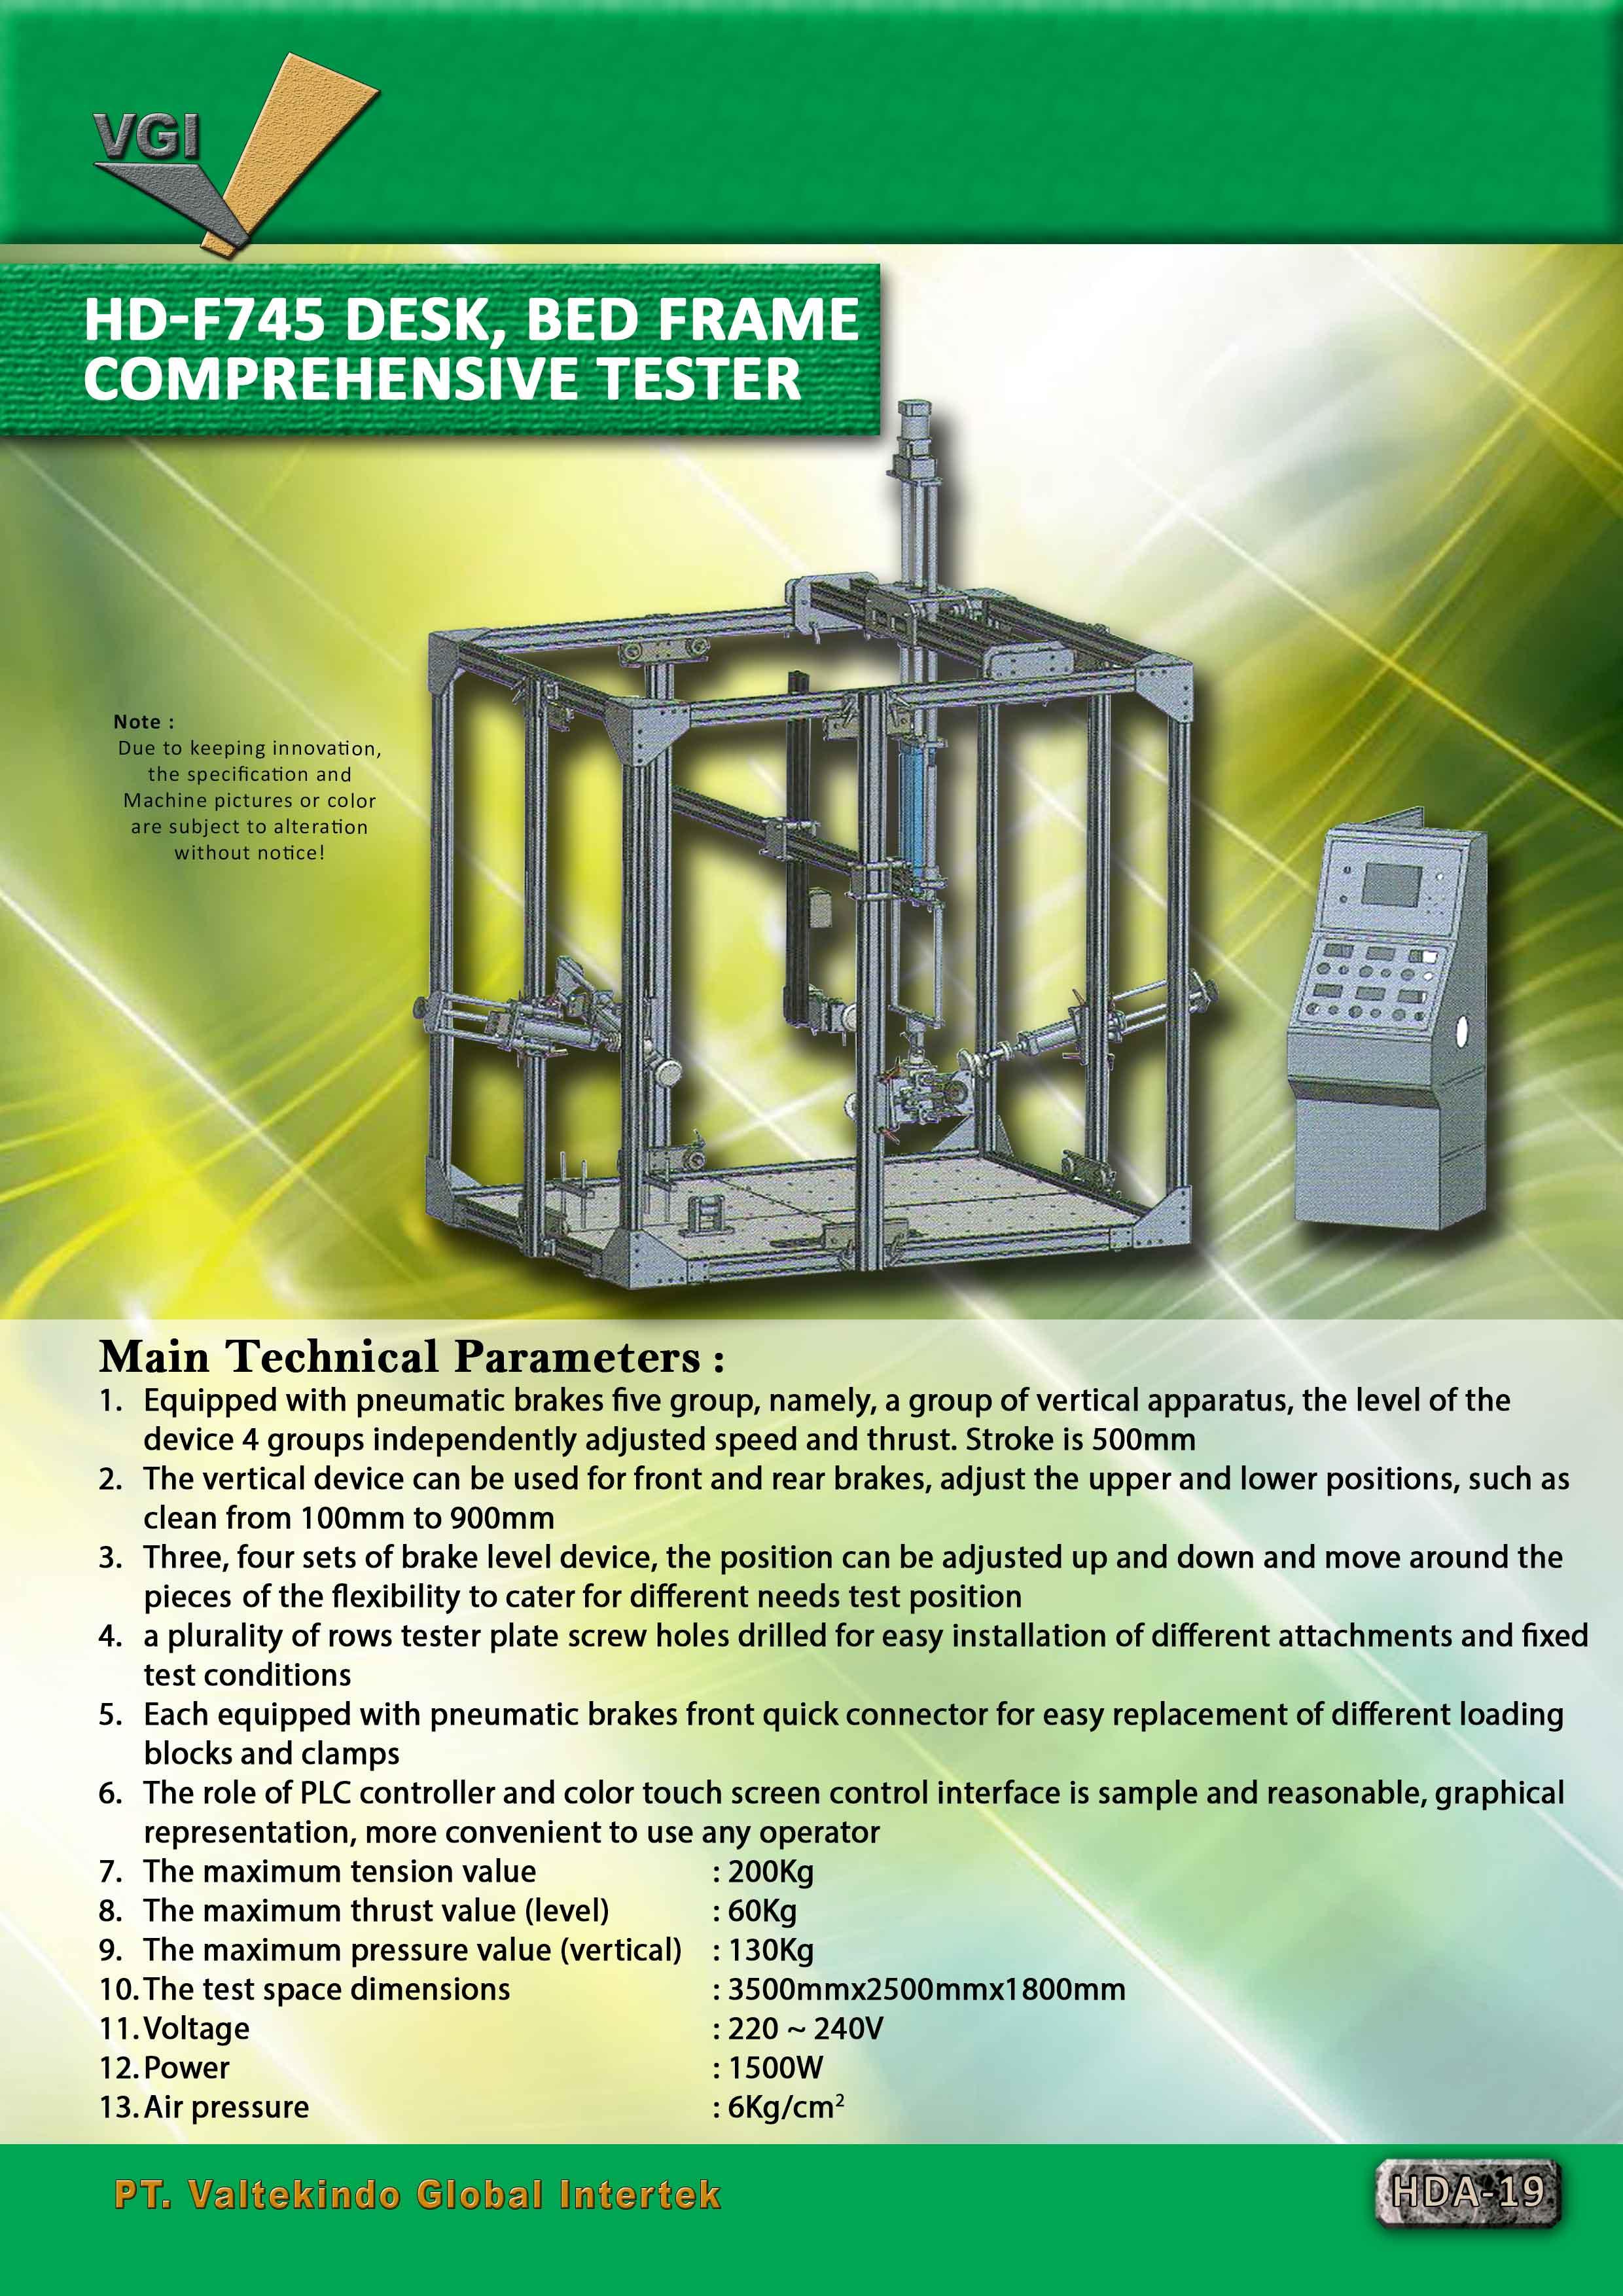 jual mesin Desk Bed Frame Comprehensive Tester Desk Bed Frame Comprehensive Tester